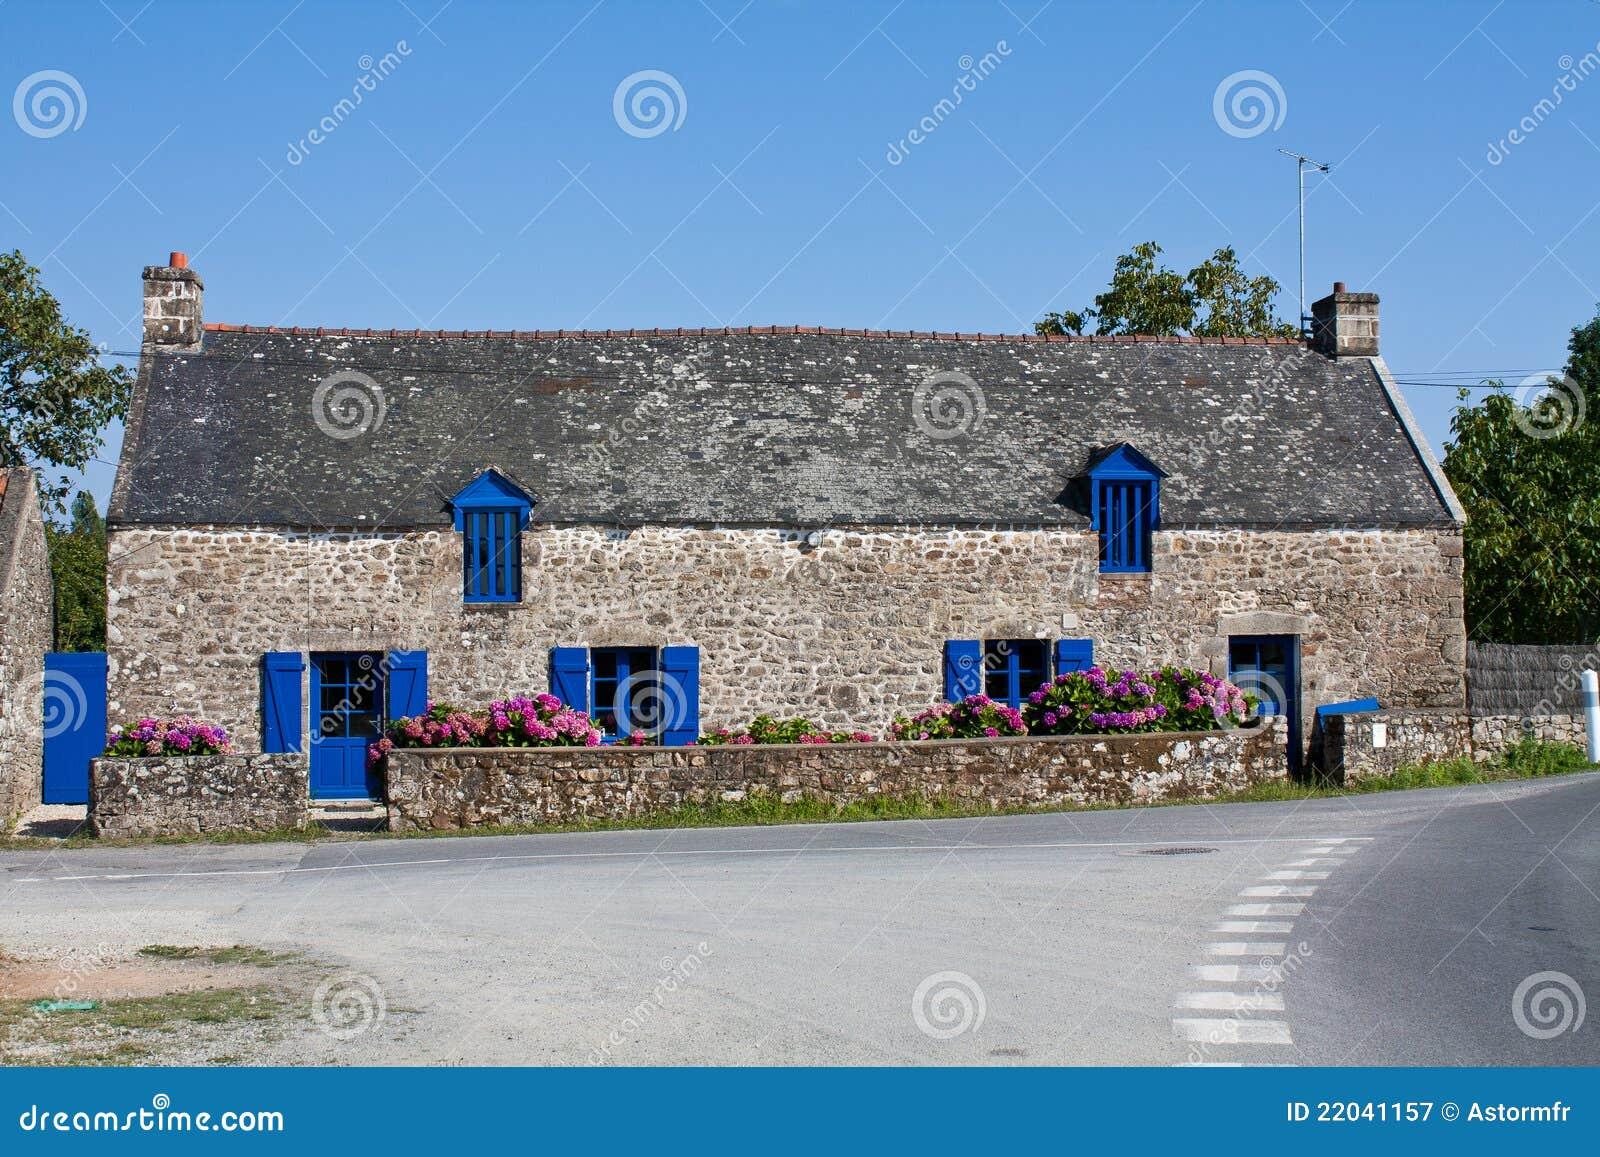 Casa di campagna tipica con gli otturatori blu in Brittany, Francia.